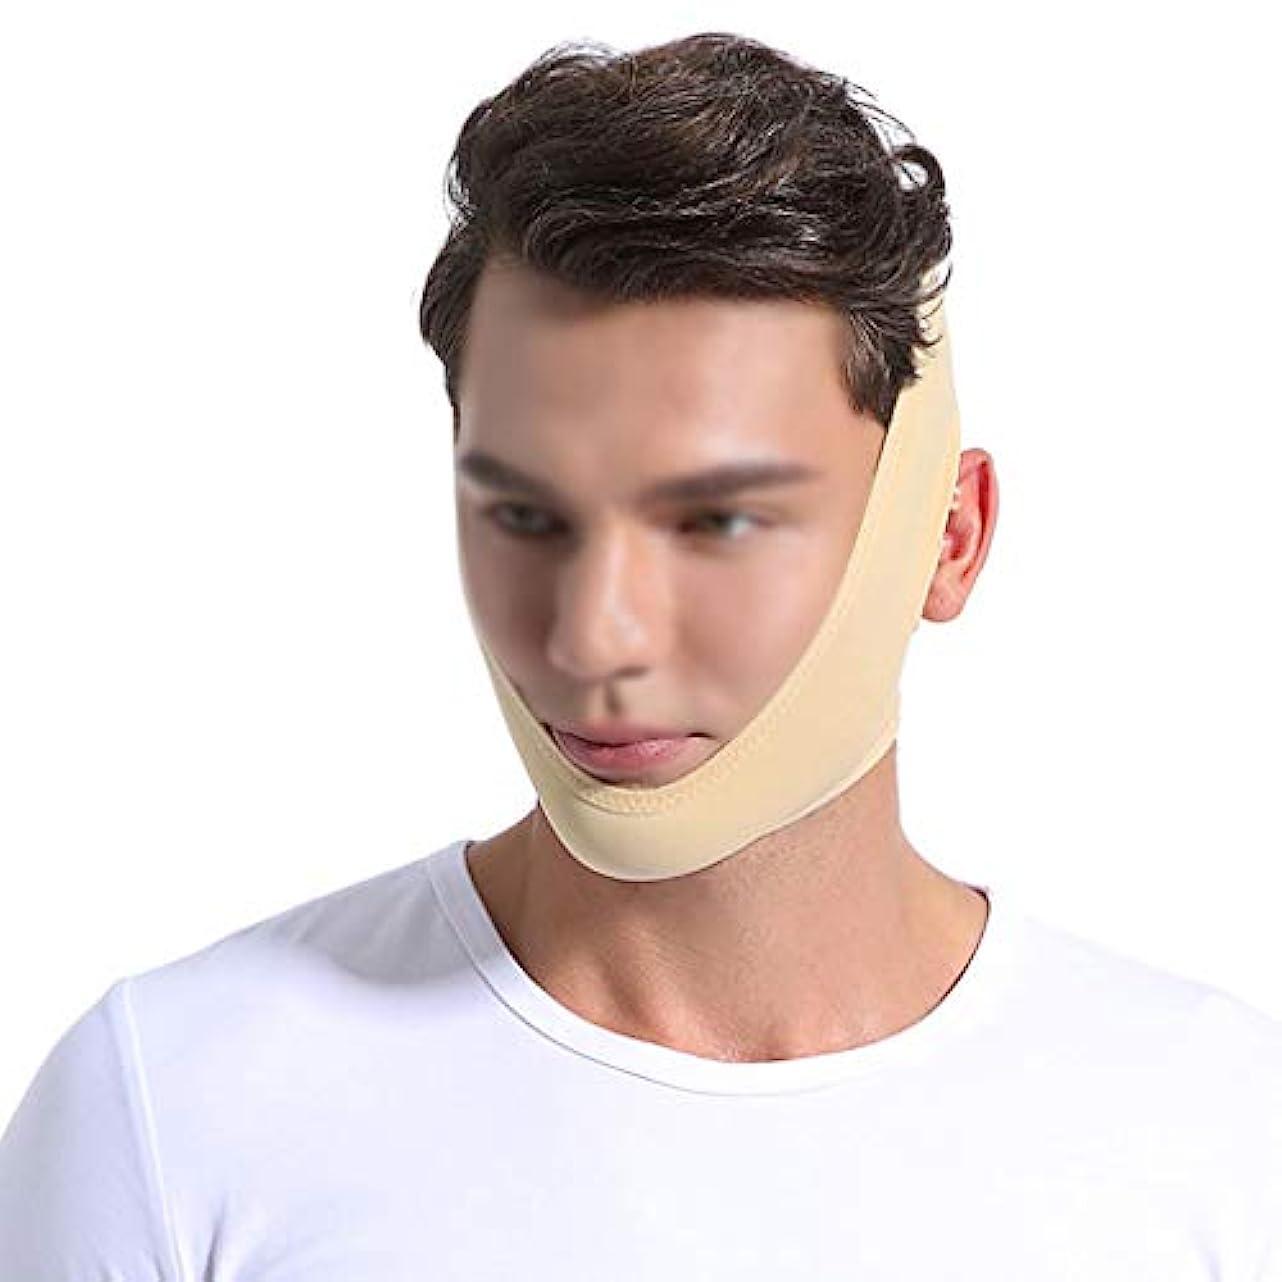 傷つけるからに変化する暗記するGLJJQMY フェイスリフティング包帯マスク修復マスク男性と女性の顔の包帯フェイスリフトアーチファクト 顔用整形マスク